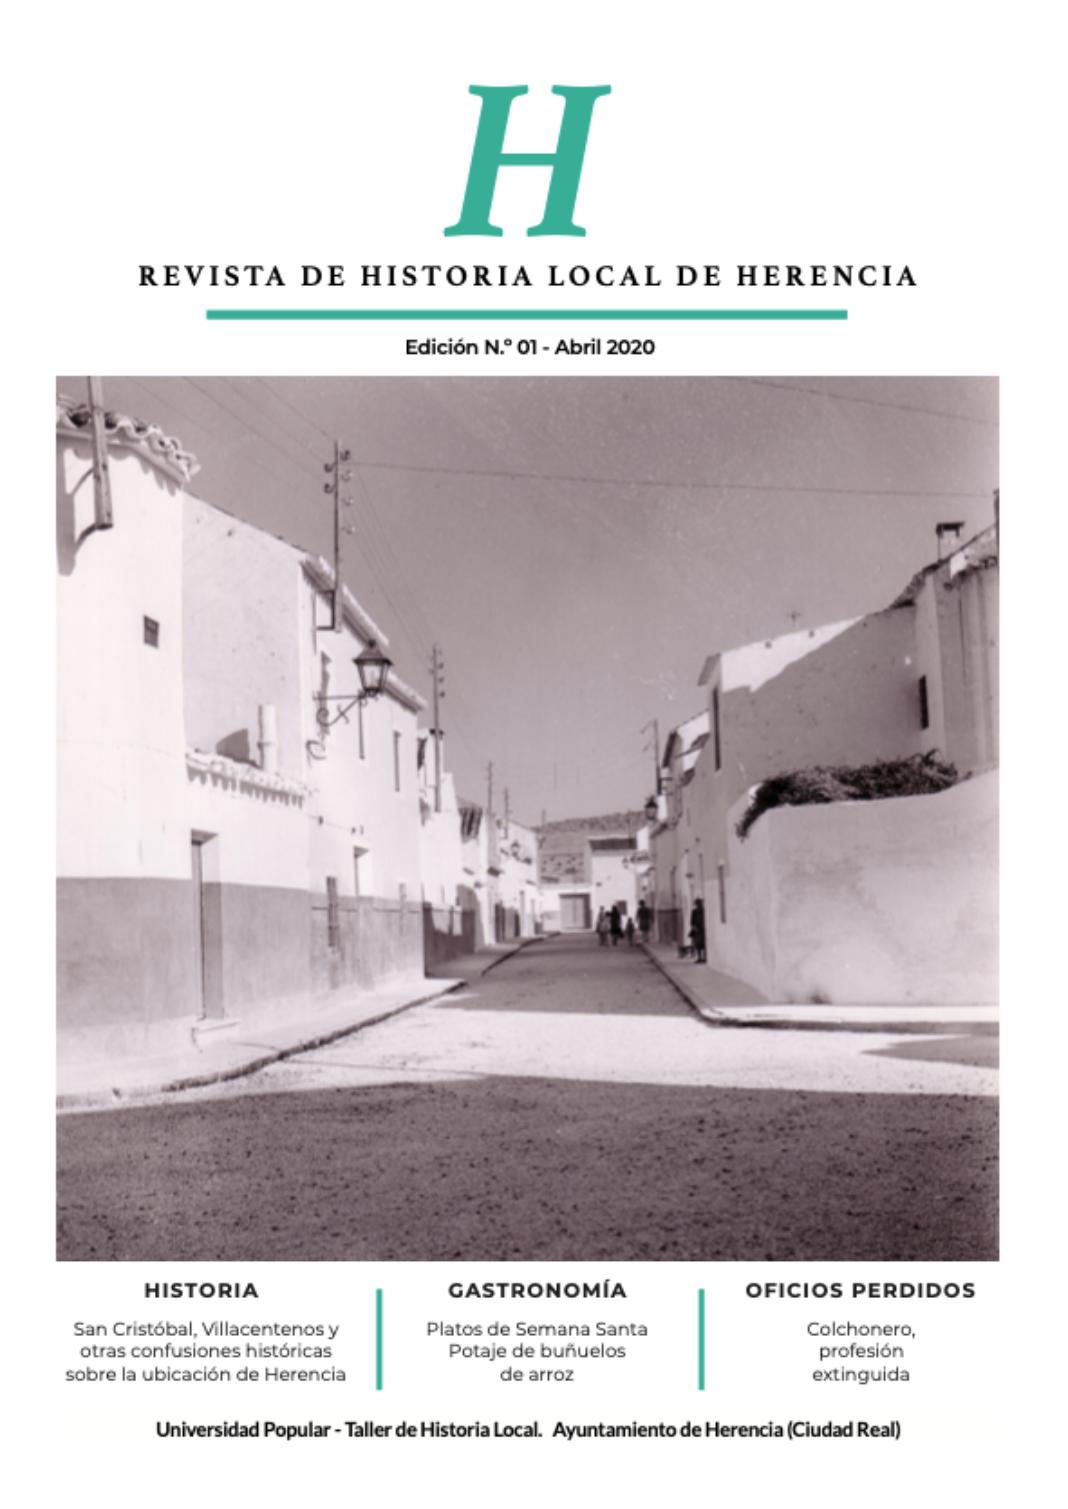 La Universidad Popular, a través del Taller de Historia Local, lanza una revista sobre la historia y el patrimonio de Herencia 7